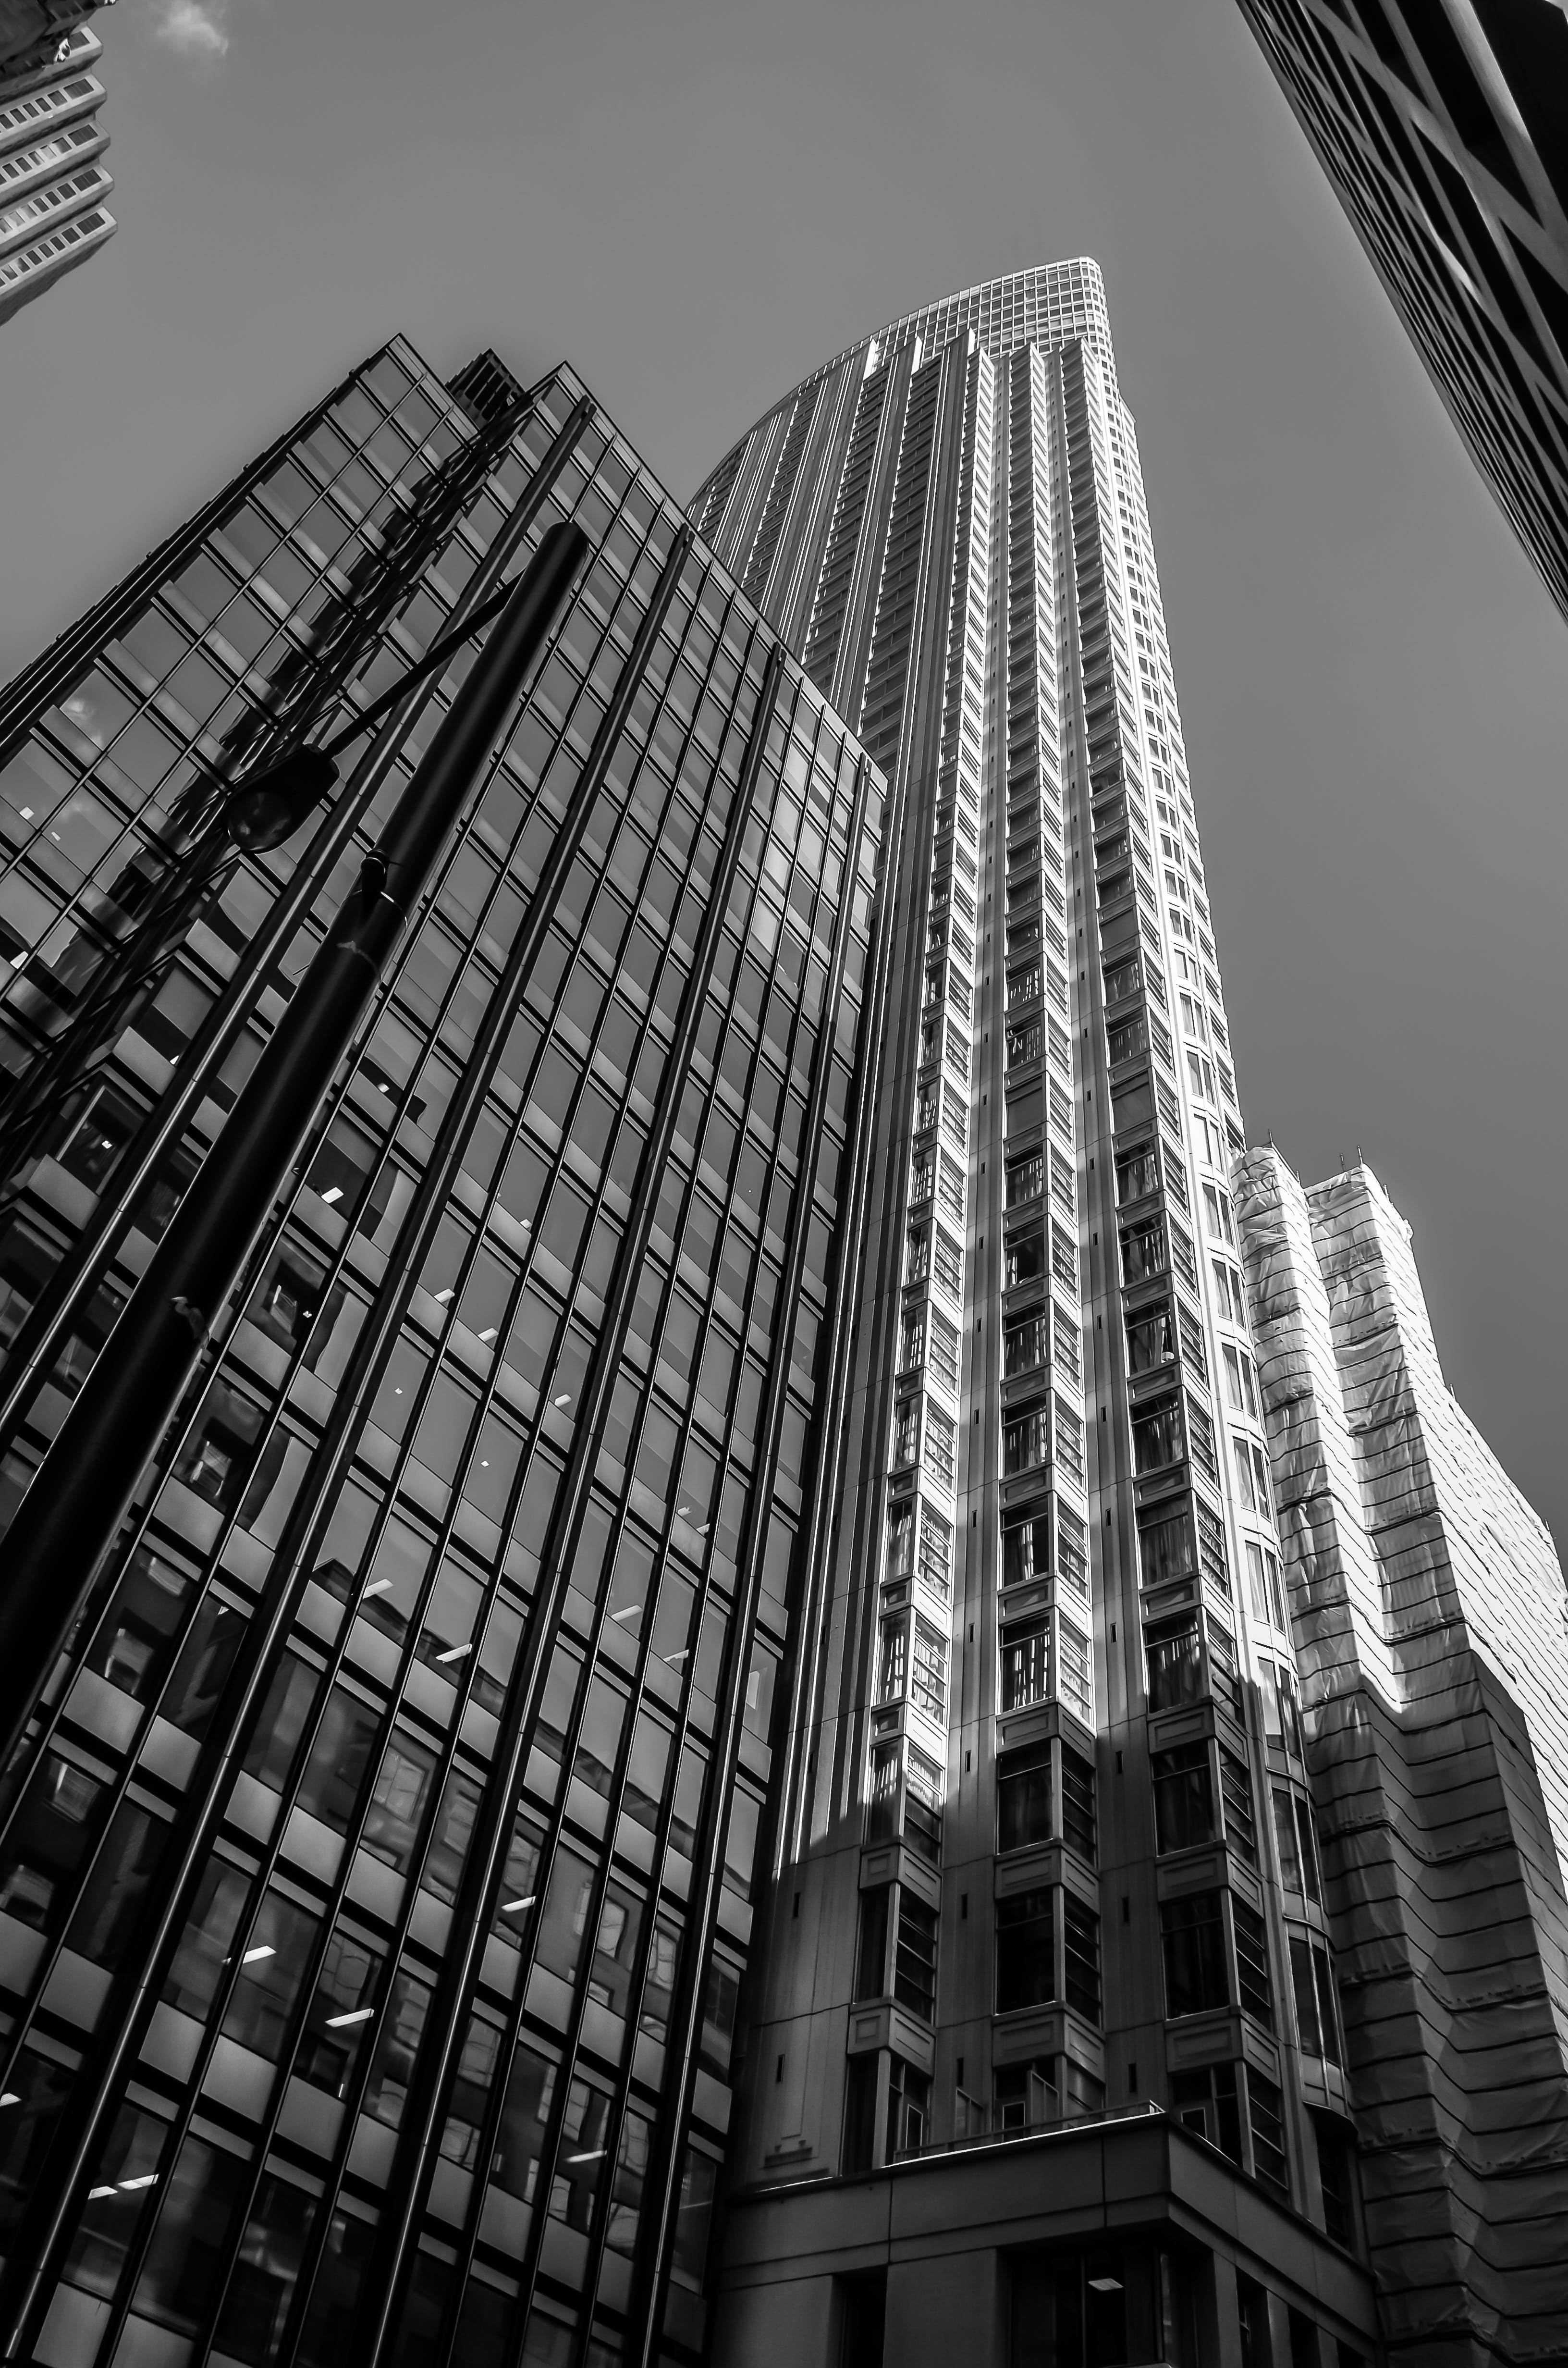 Foto stok gratis Arsitektur, bangunan, bidikan sudut sempit, eksterior bangunan